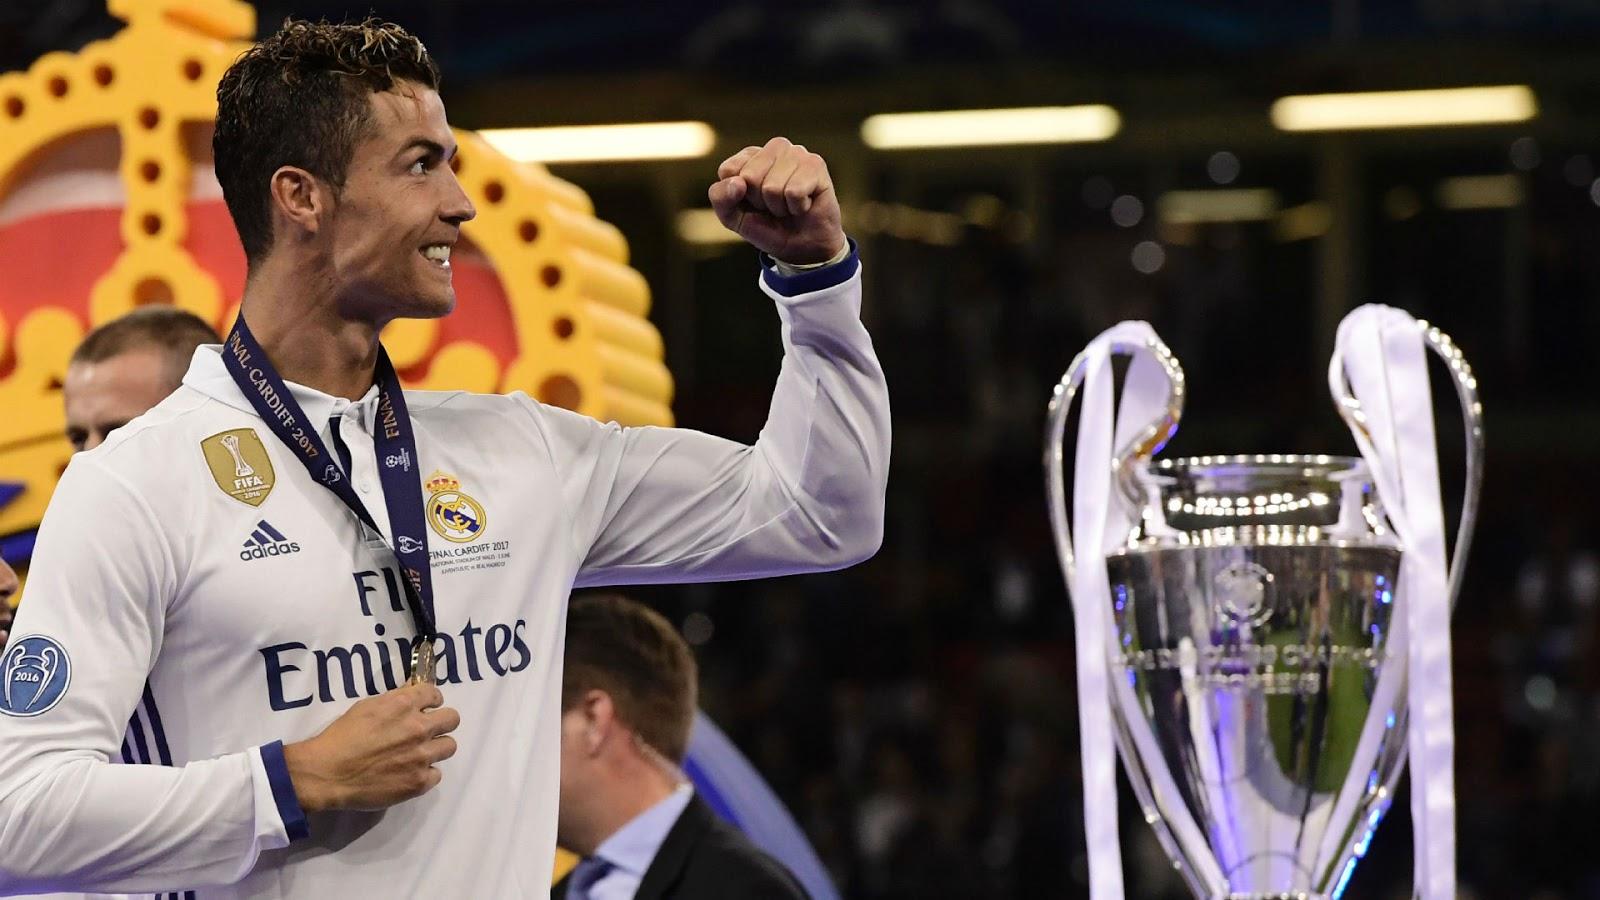 Ronaldo-dat-dinh-cao-ghi-ban-moi-cung-Real-nam-2018-1